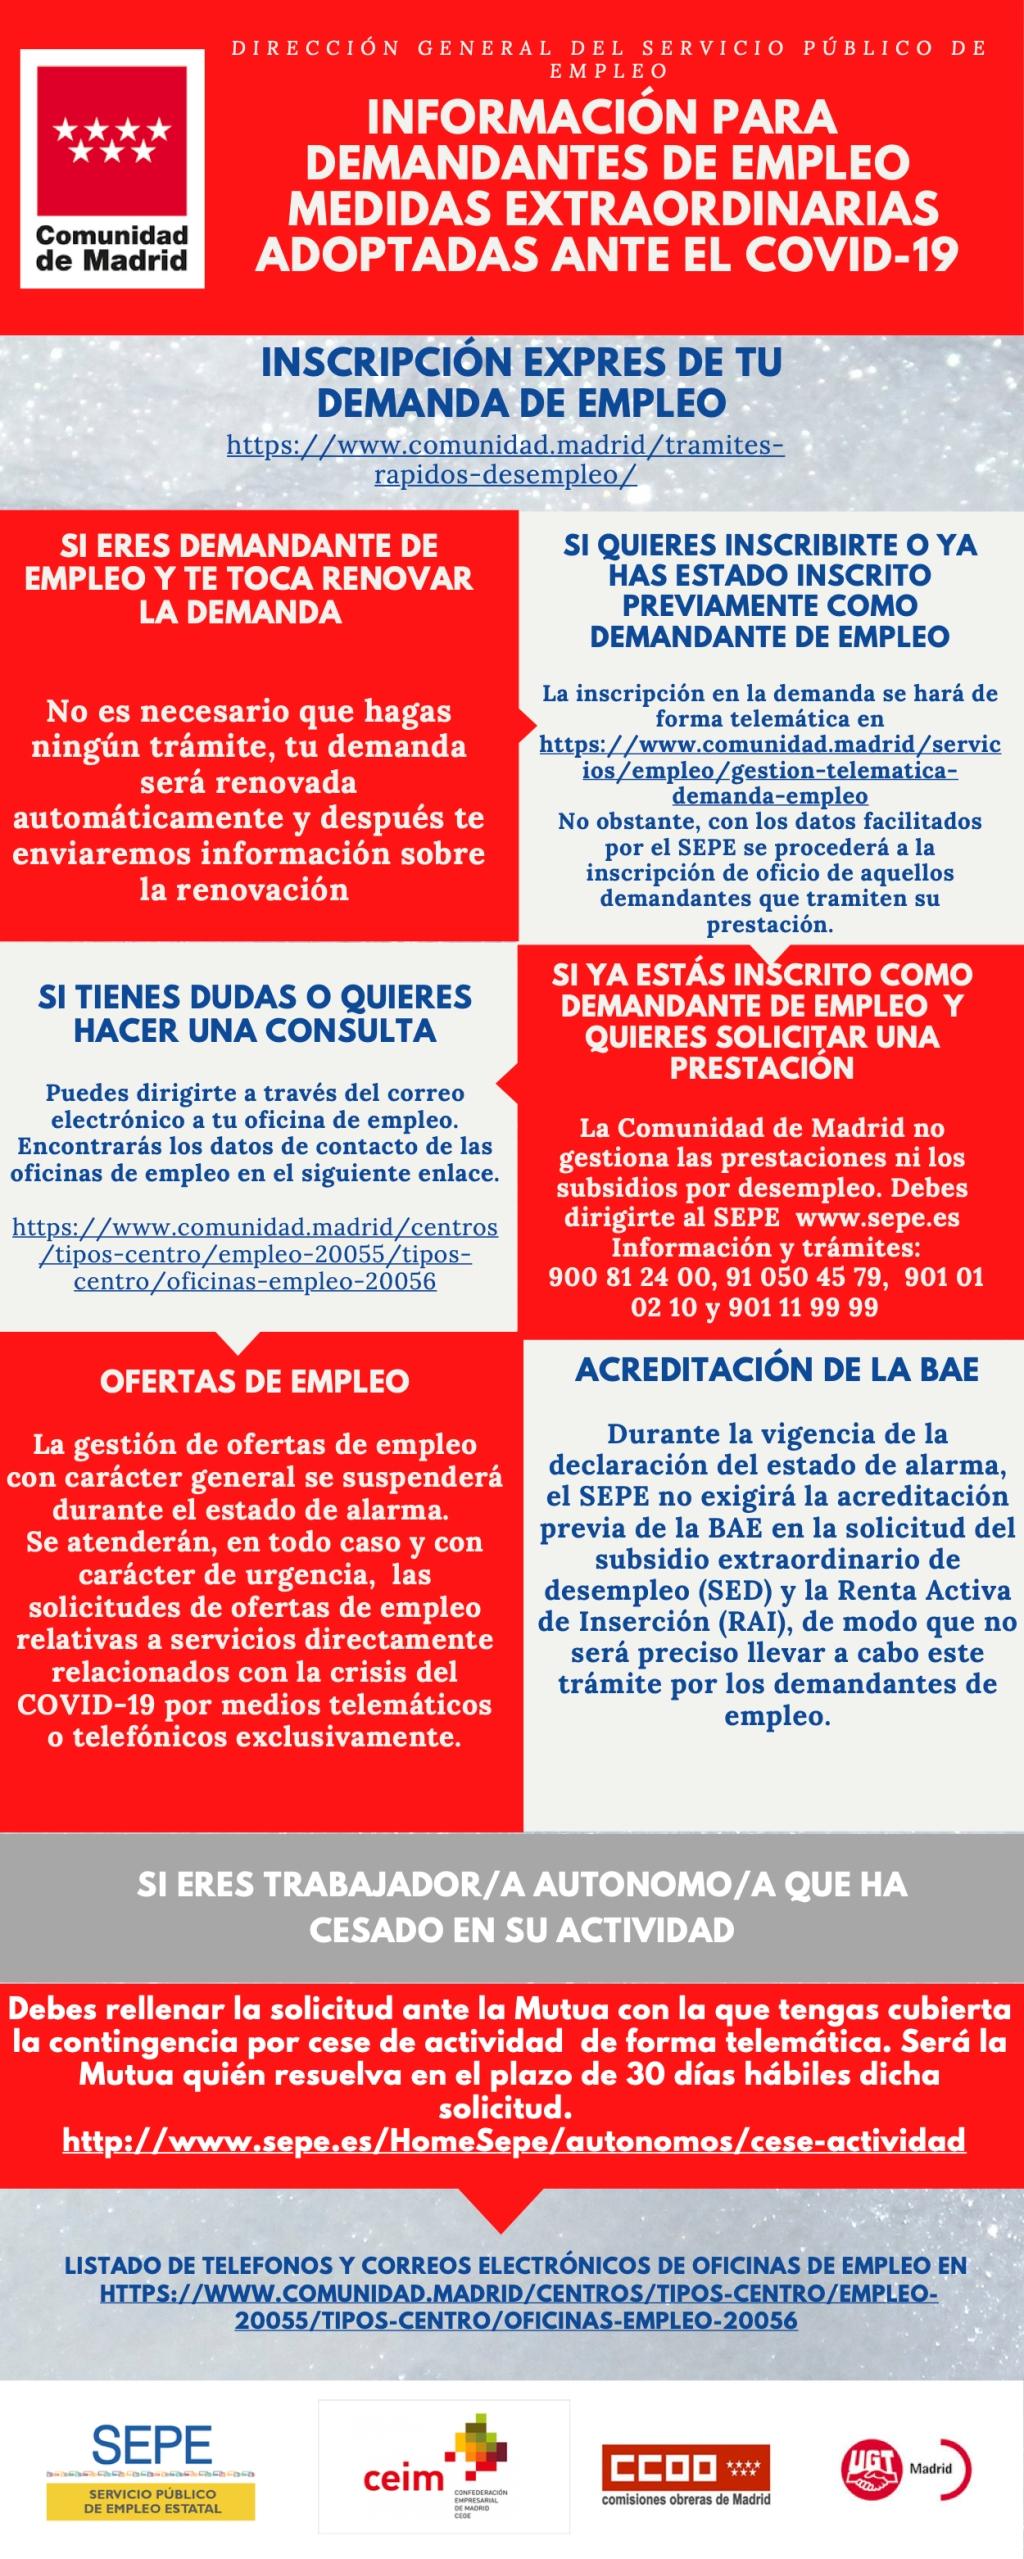 INFORMACIÓN PARA DEMANDANTES DE EMPLEO ANTE EL COVID-19 (1)